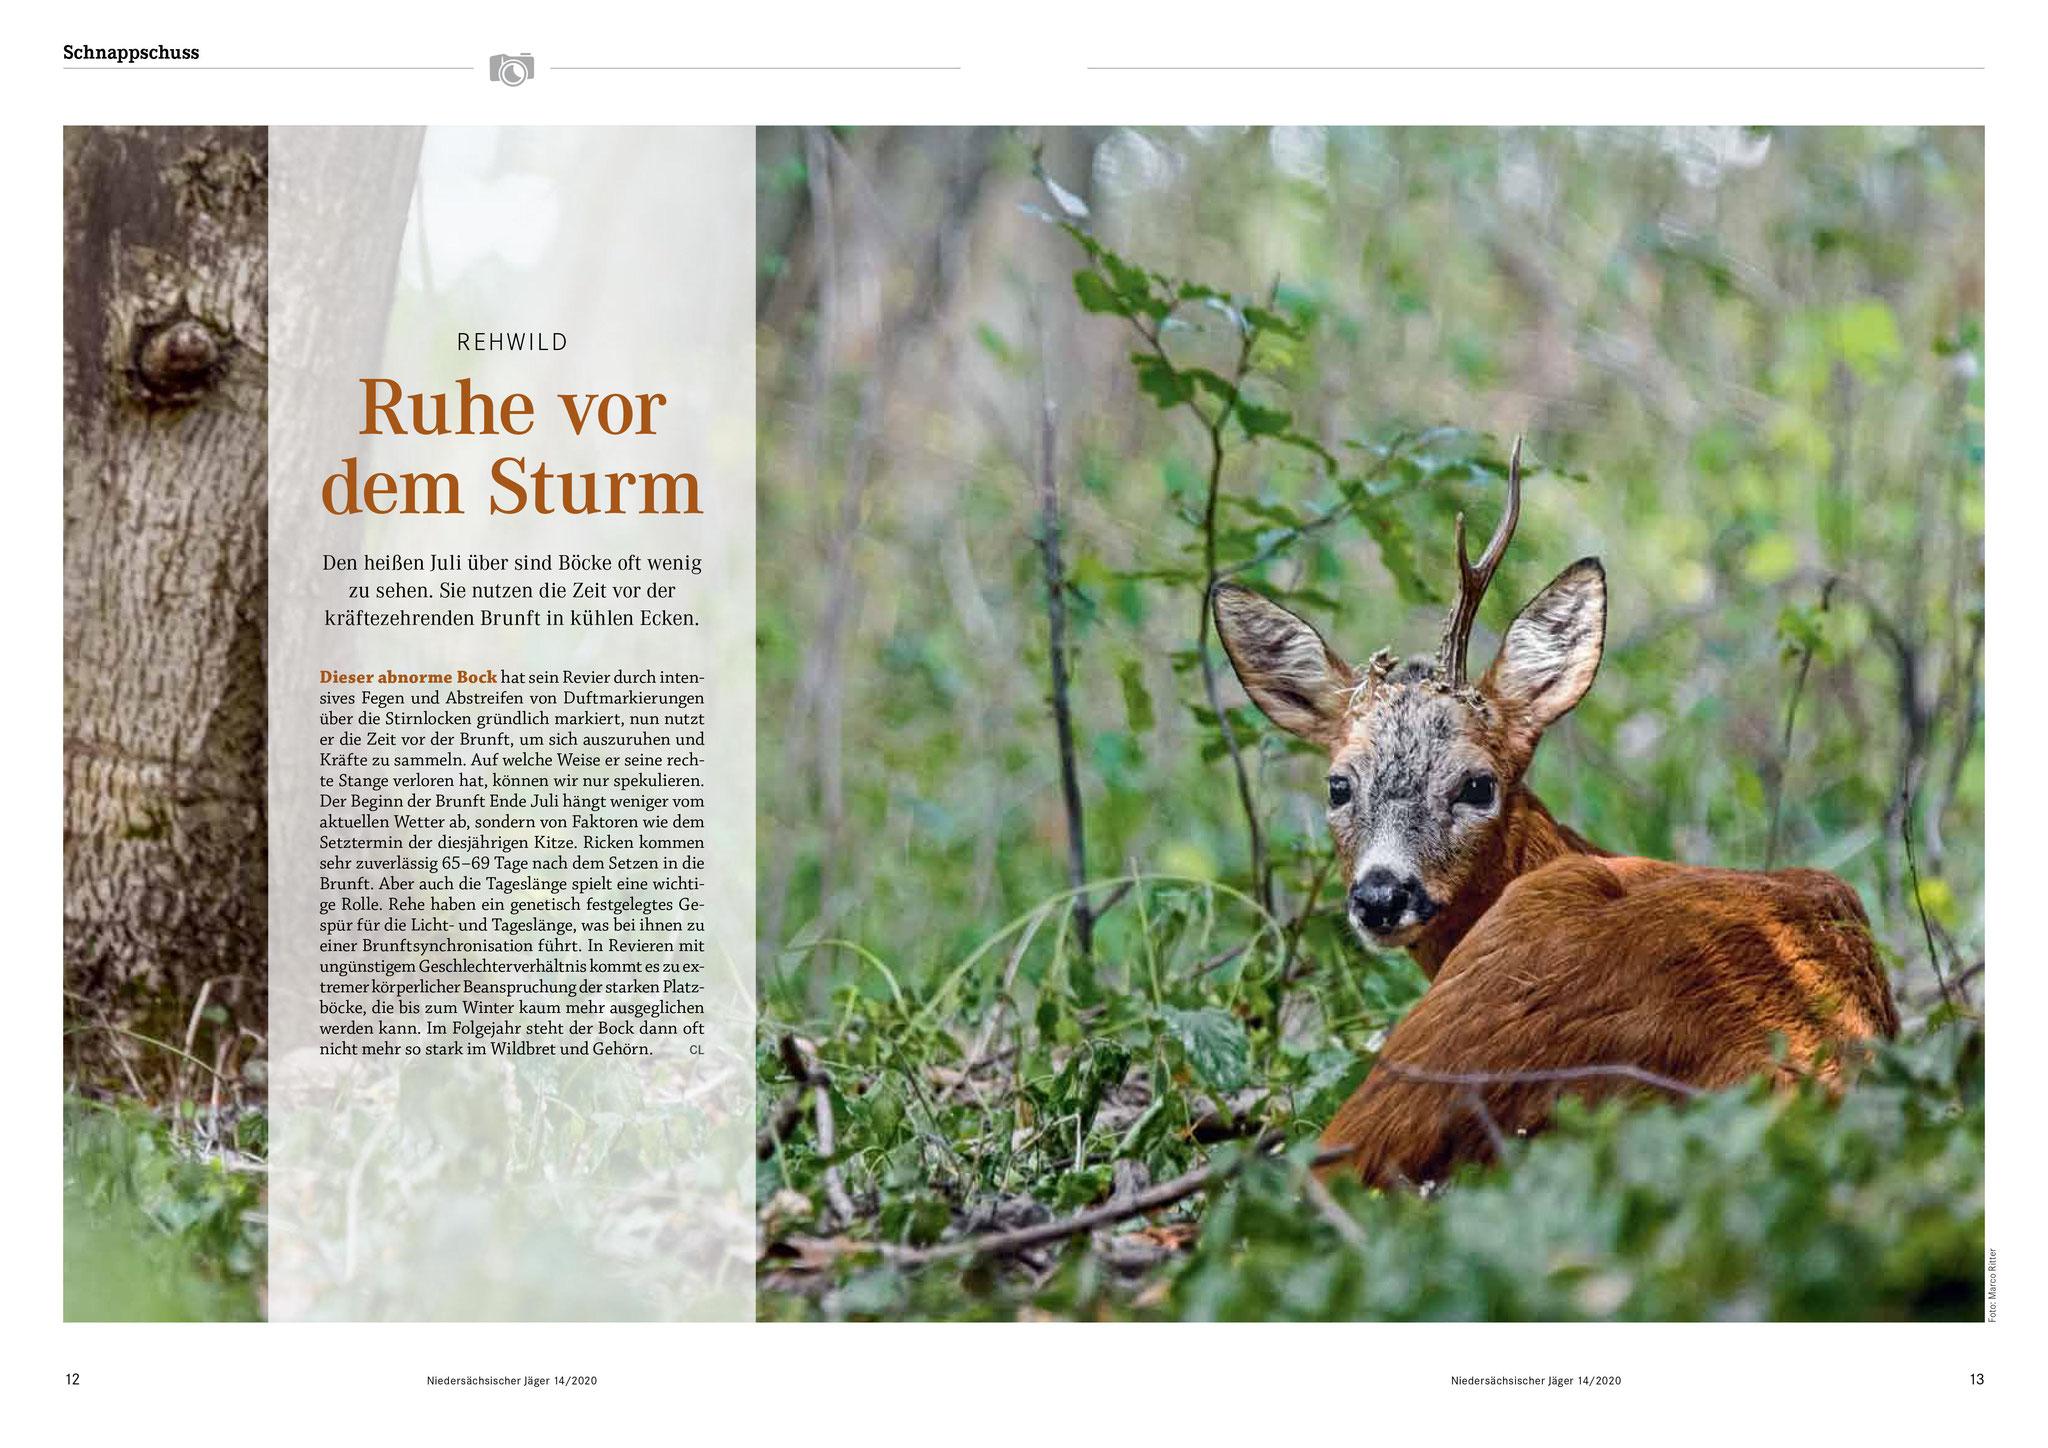 Schnappschuss im Niedersächsischen Jäger 14/2020